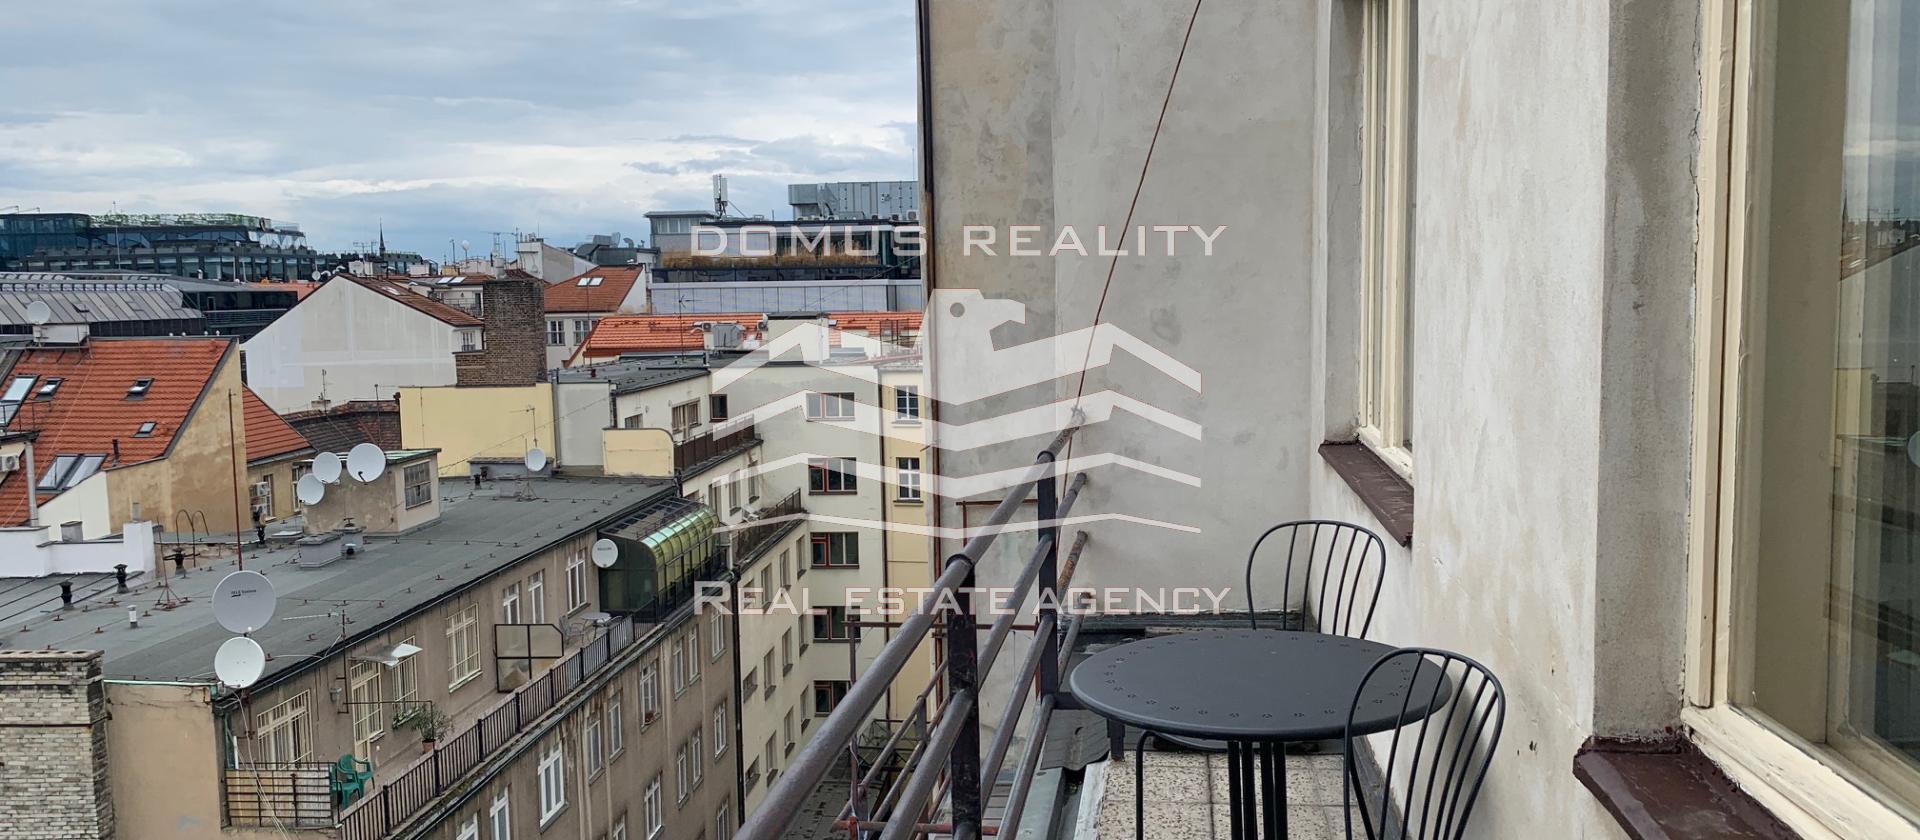 Nabízíme krásný a moderně zařízený byt 2+ kk  umístěný v 5. patře s výtahem kvalitně zrekonstruovaného domu